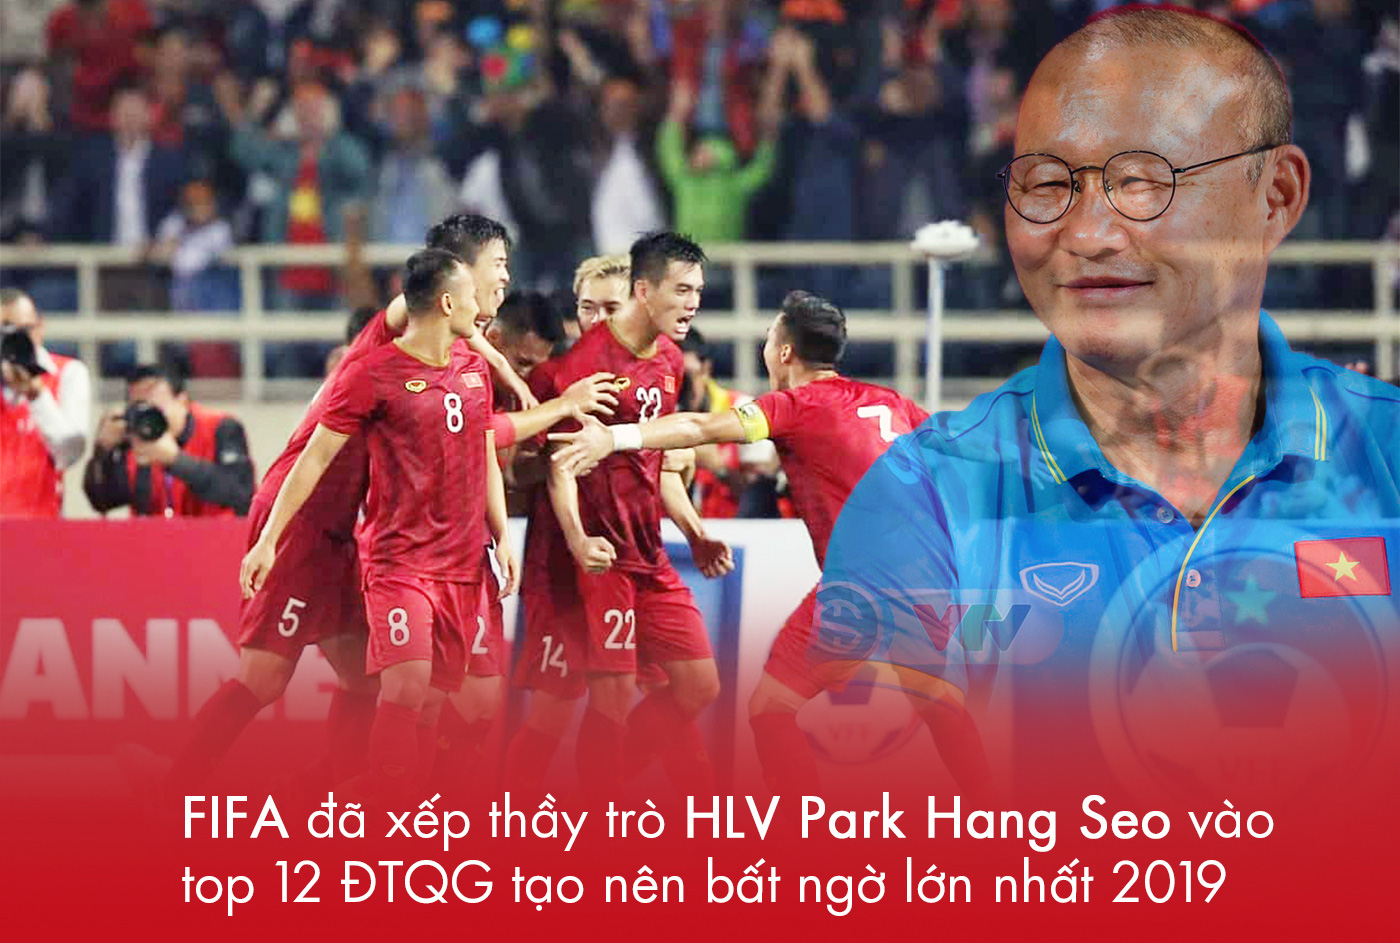 Bóng đá Việt Nam 2020: Quyết tâm giữ ngai Vàng Đông Nam Á và bơi ra biển lớn - Ảnh 5.